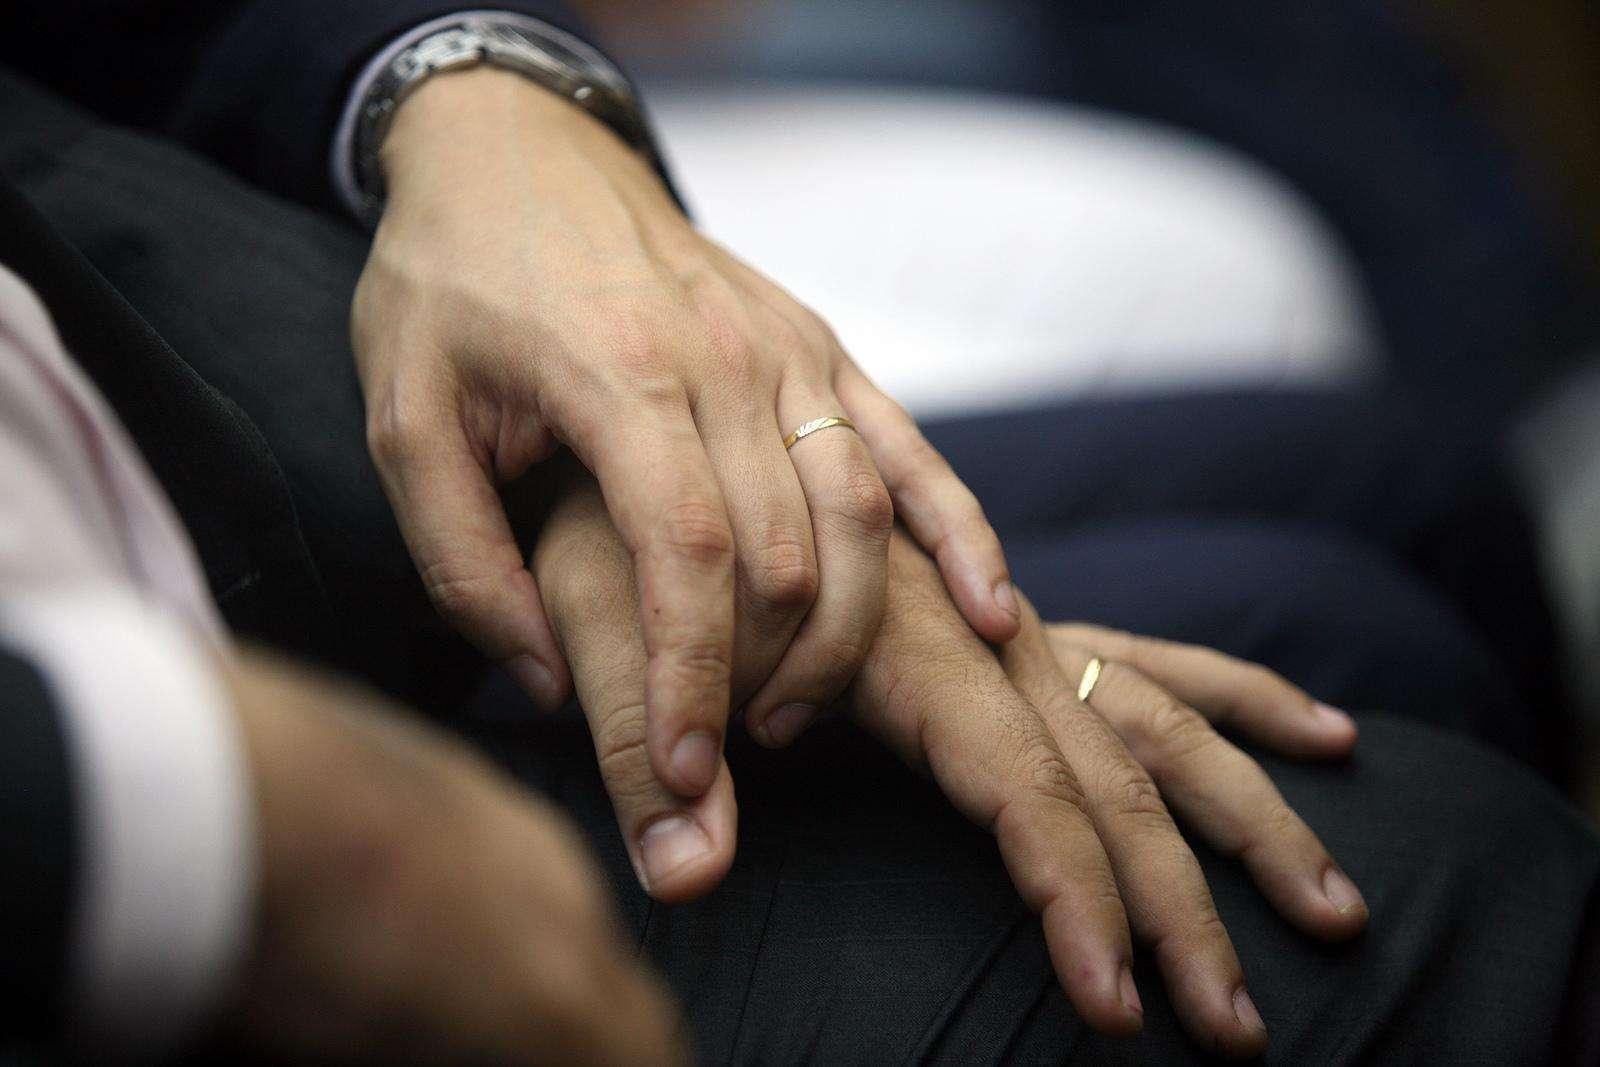 Justiça reconhece união estável de casal homoafetivo após o falecimento de uma das partes